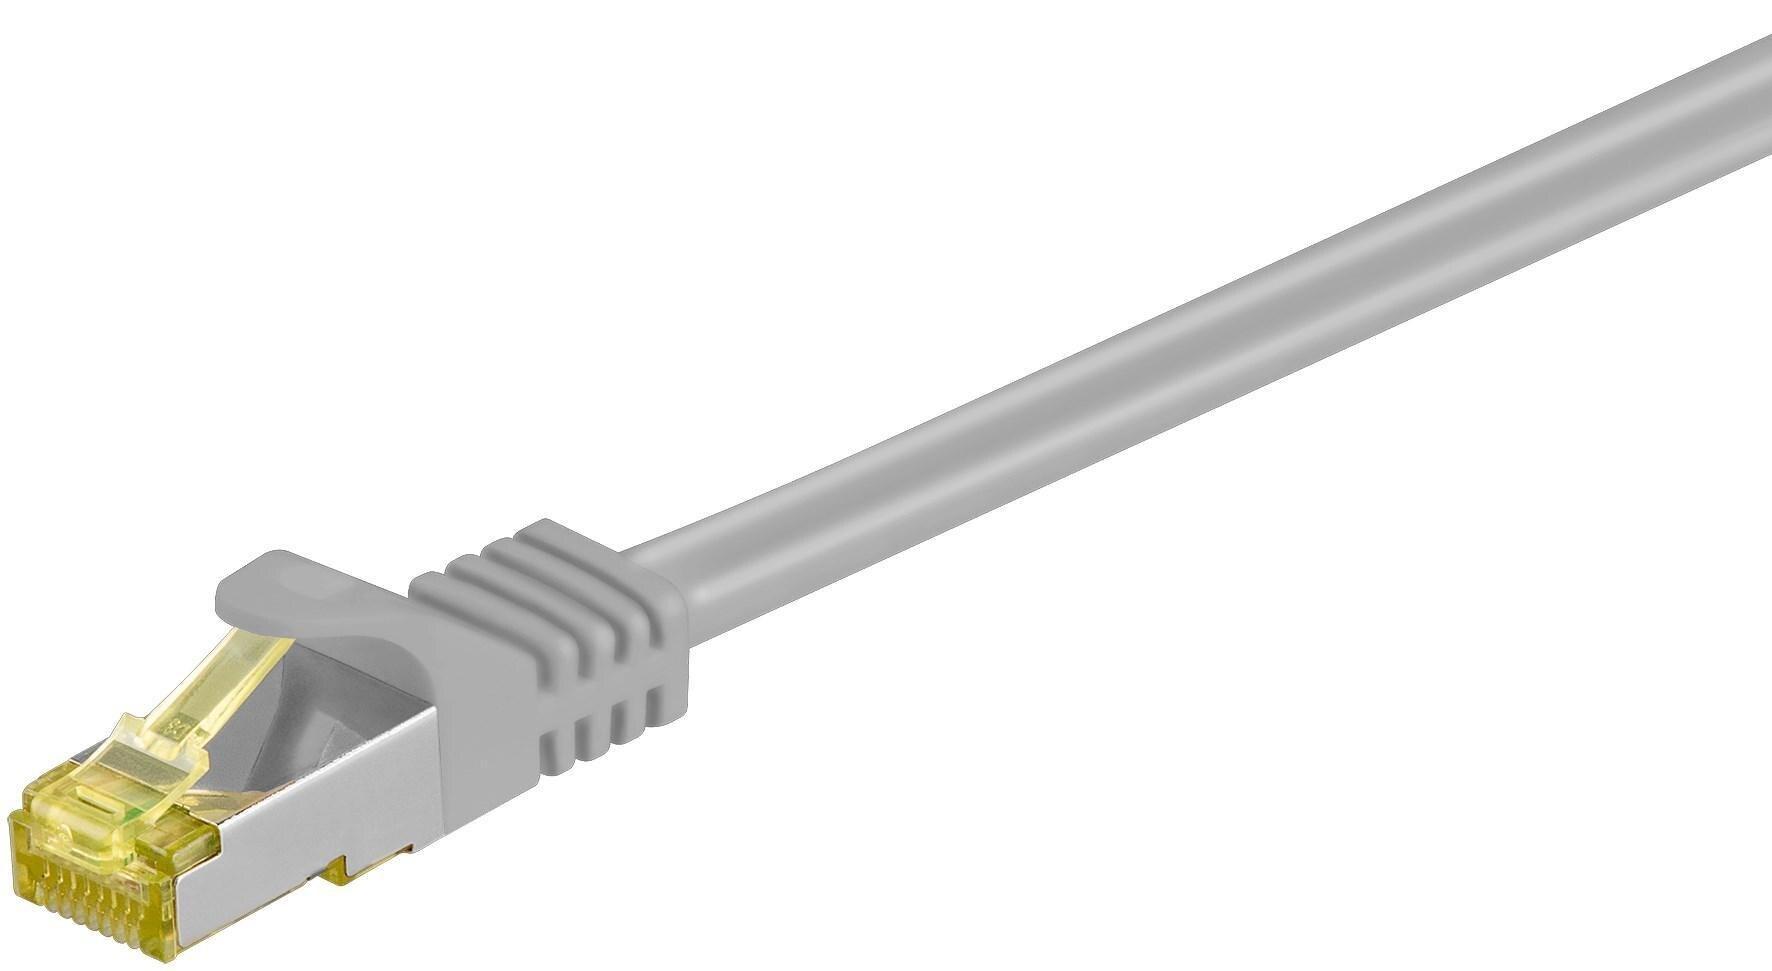 Câble réseau Rj45 FTP Cat7 pfmi de 30 mètres LSZH couleur grise 91675